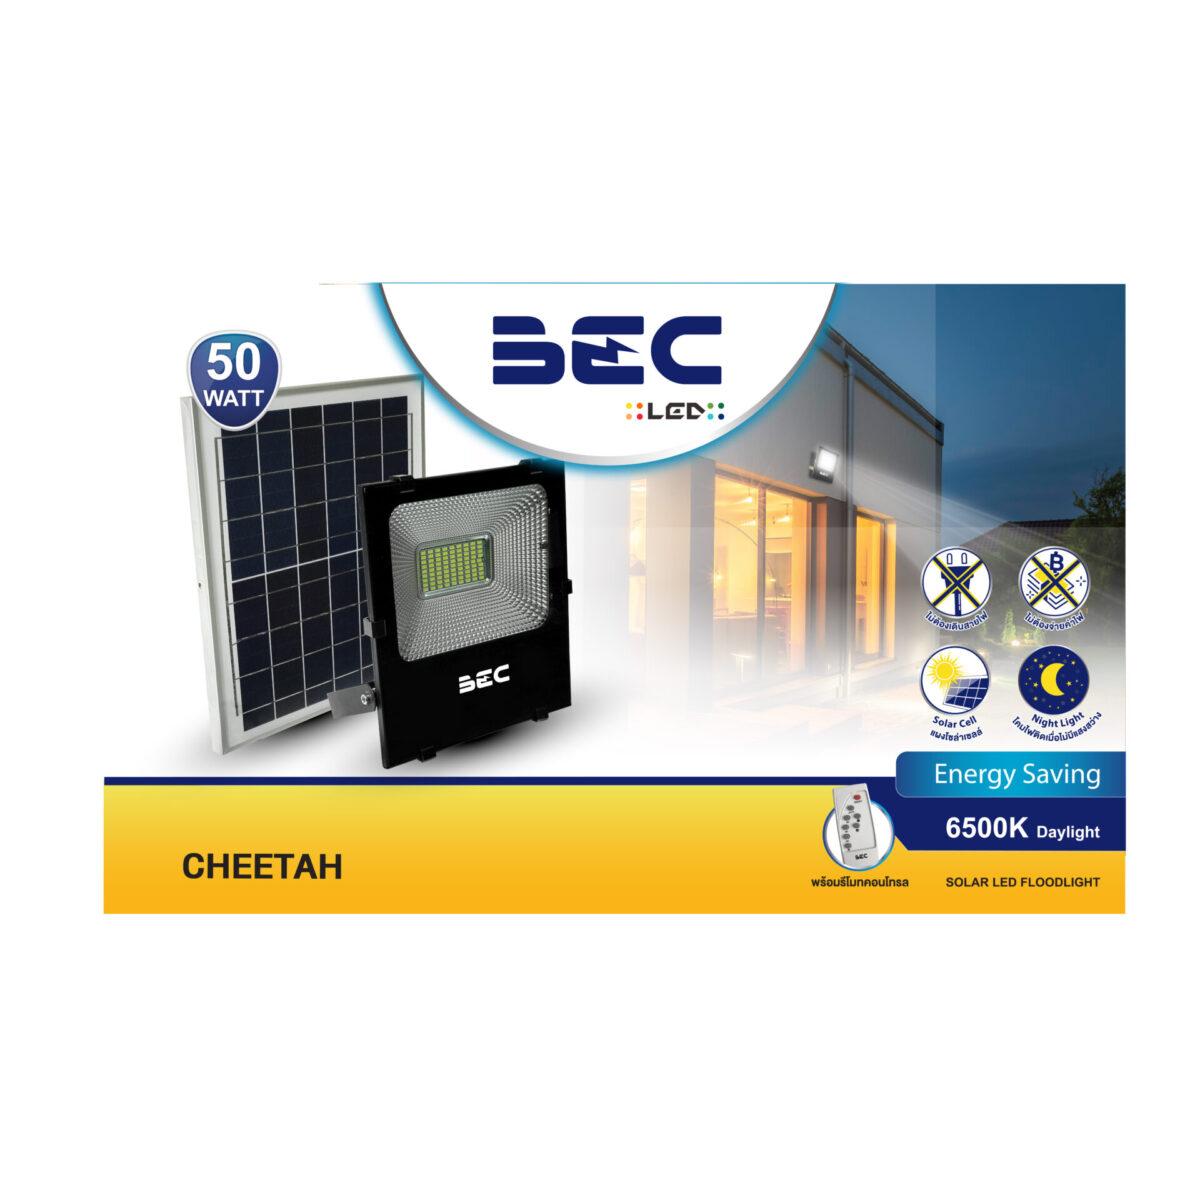 โคมไฟฟลัดไลท์ โซลาร์เซลล์ LED รุ่น Cheetah